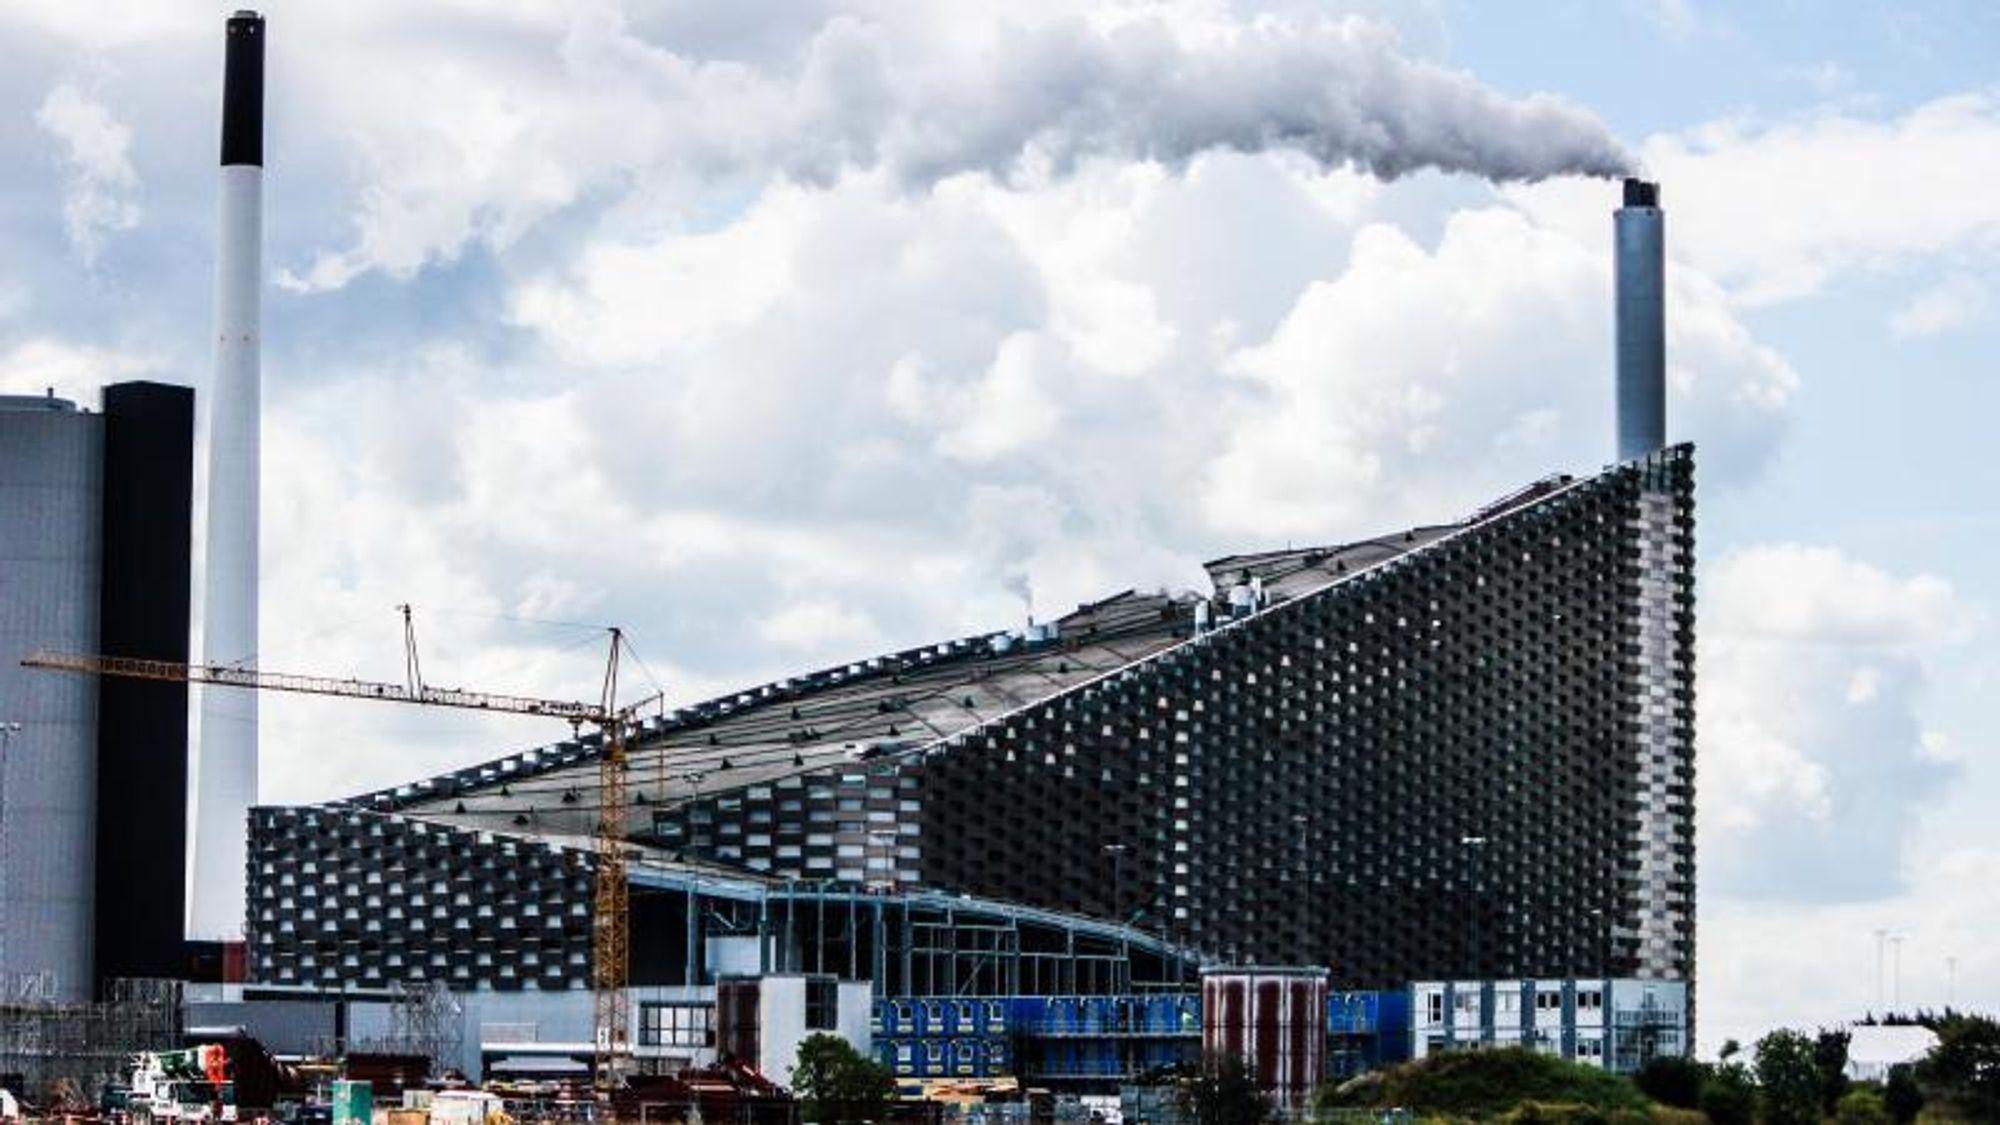 På toppen av forbrenningsanlegget Amager Bakke skimtes det som skal bli københavnernes nye skibakke. Bildet er fra august 2017.